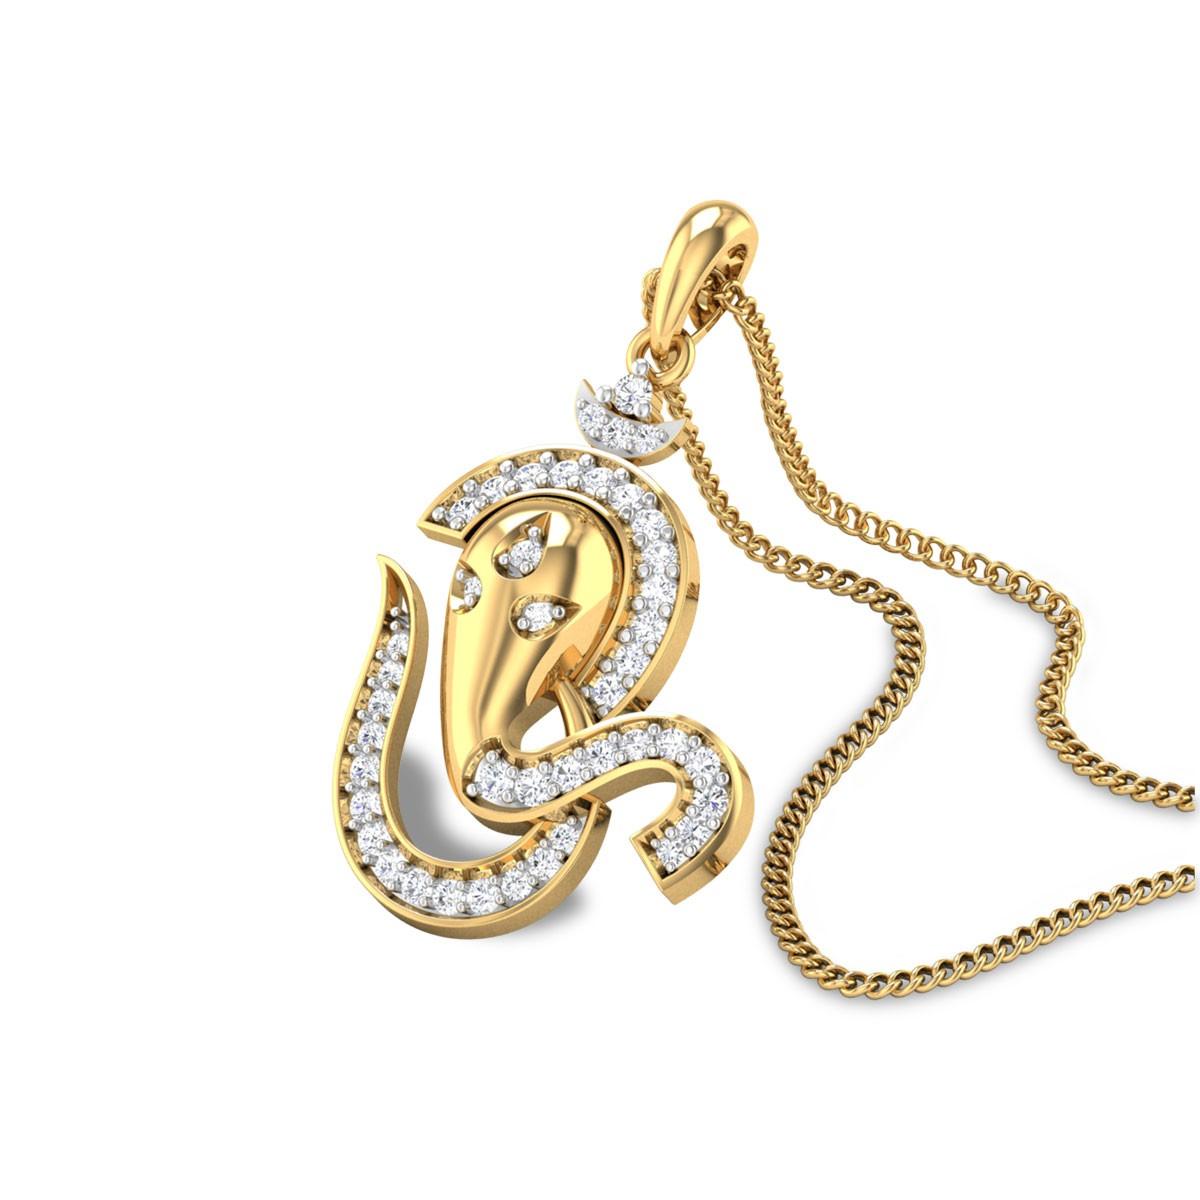 Lambodara Diamond Pendant